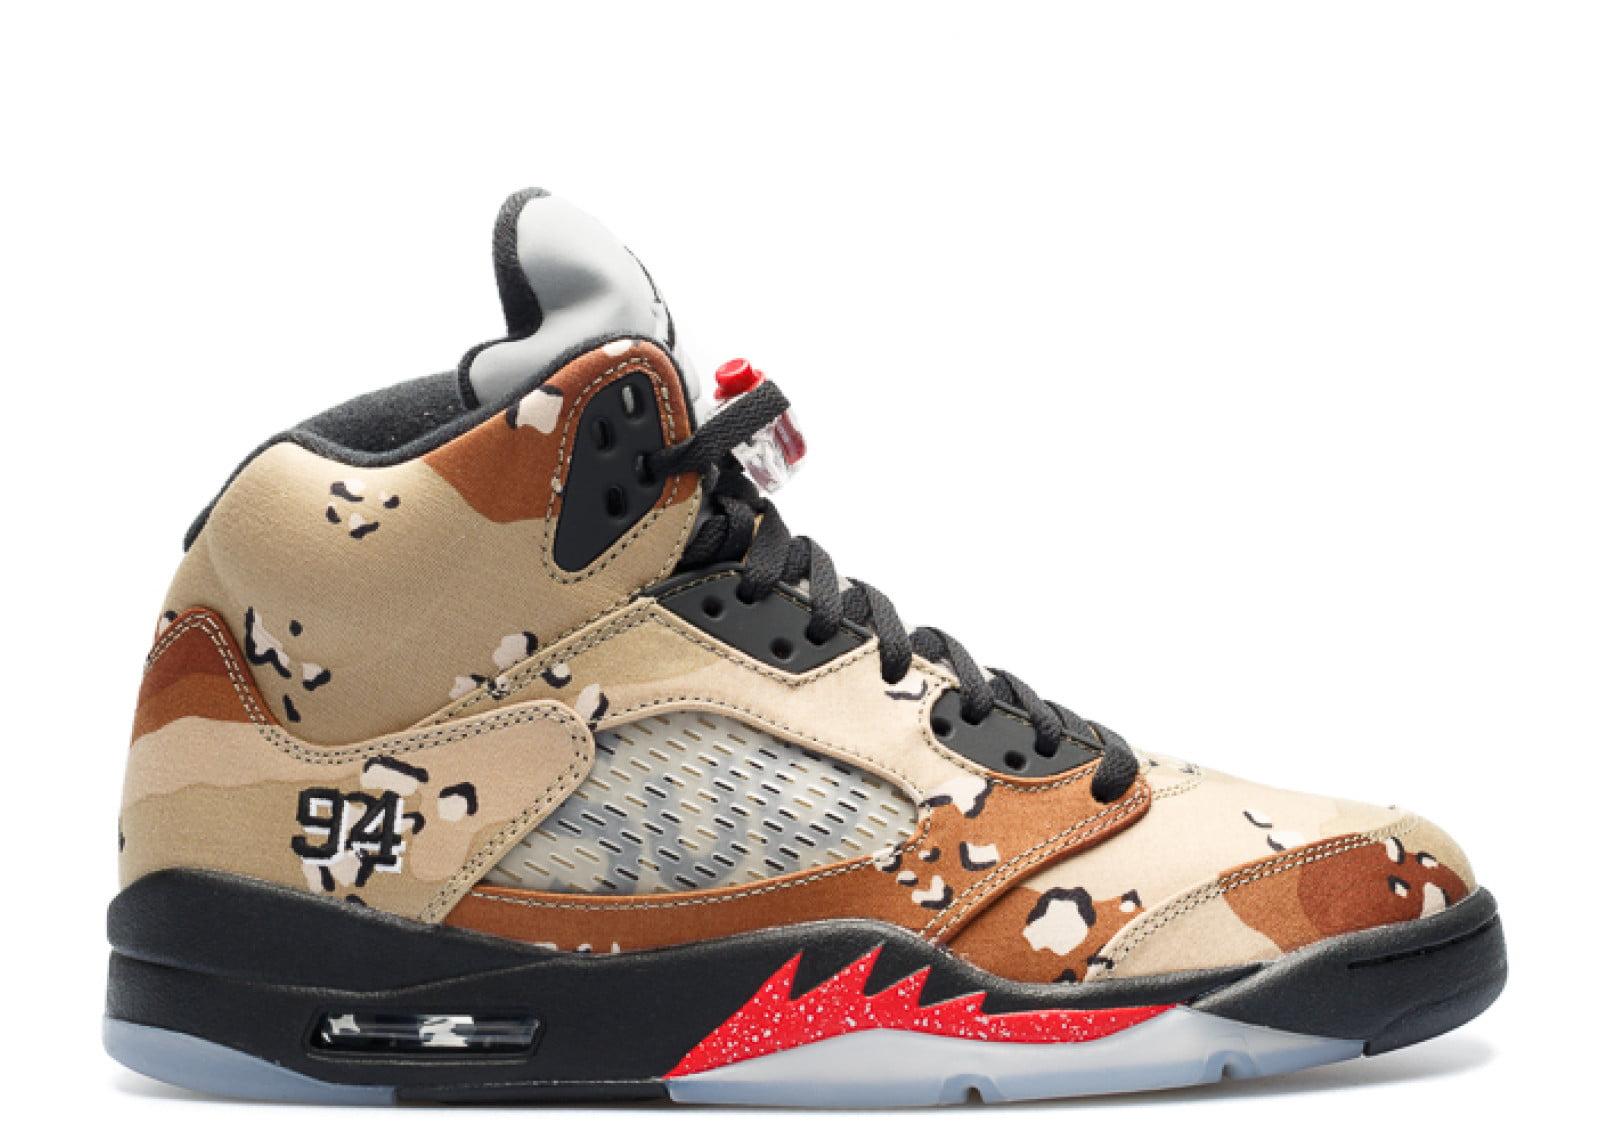 promo code 66d0a 4f479 Air Jordan 5 X Lotion Blanche Suprême Livraison gratuite véritable  Gl4wz7RAdl